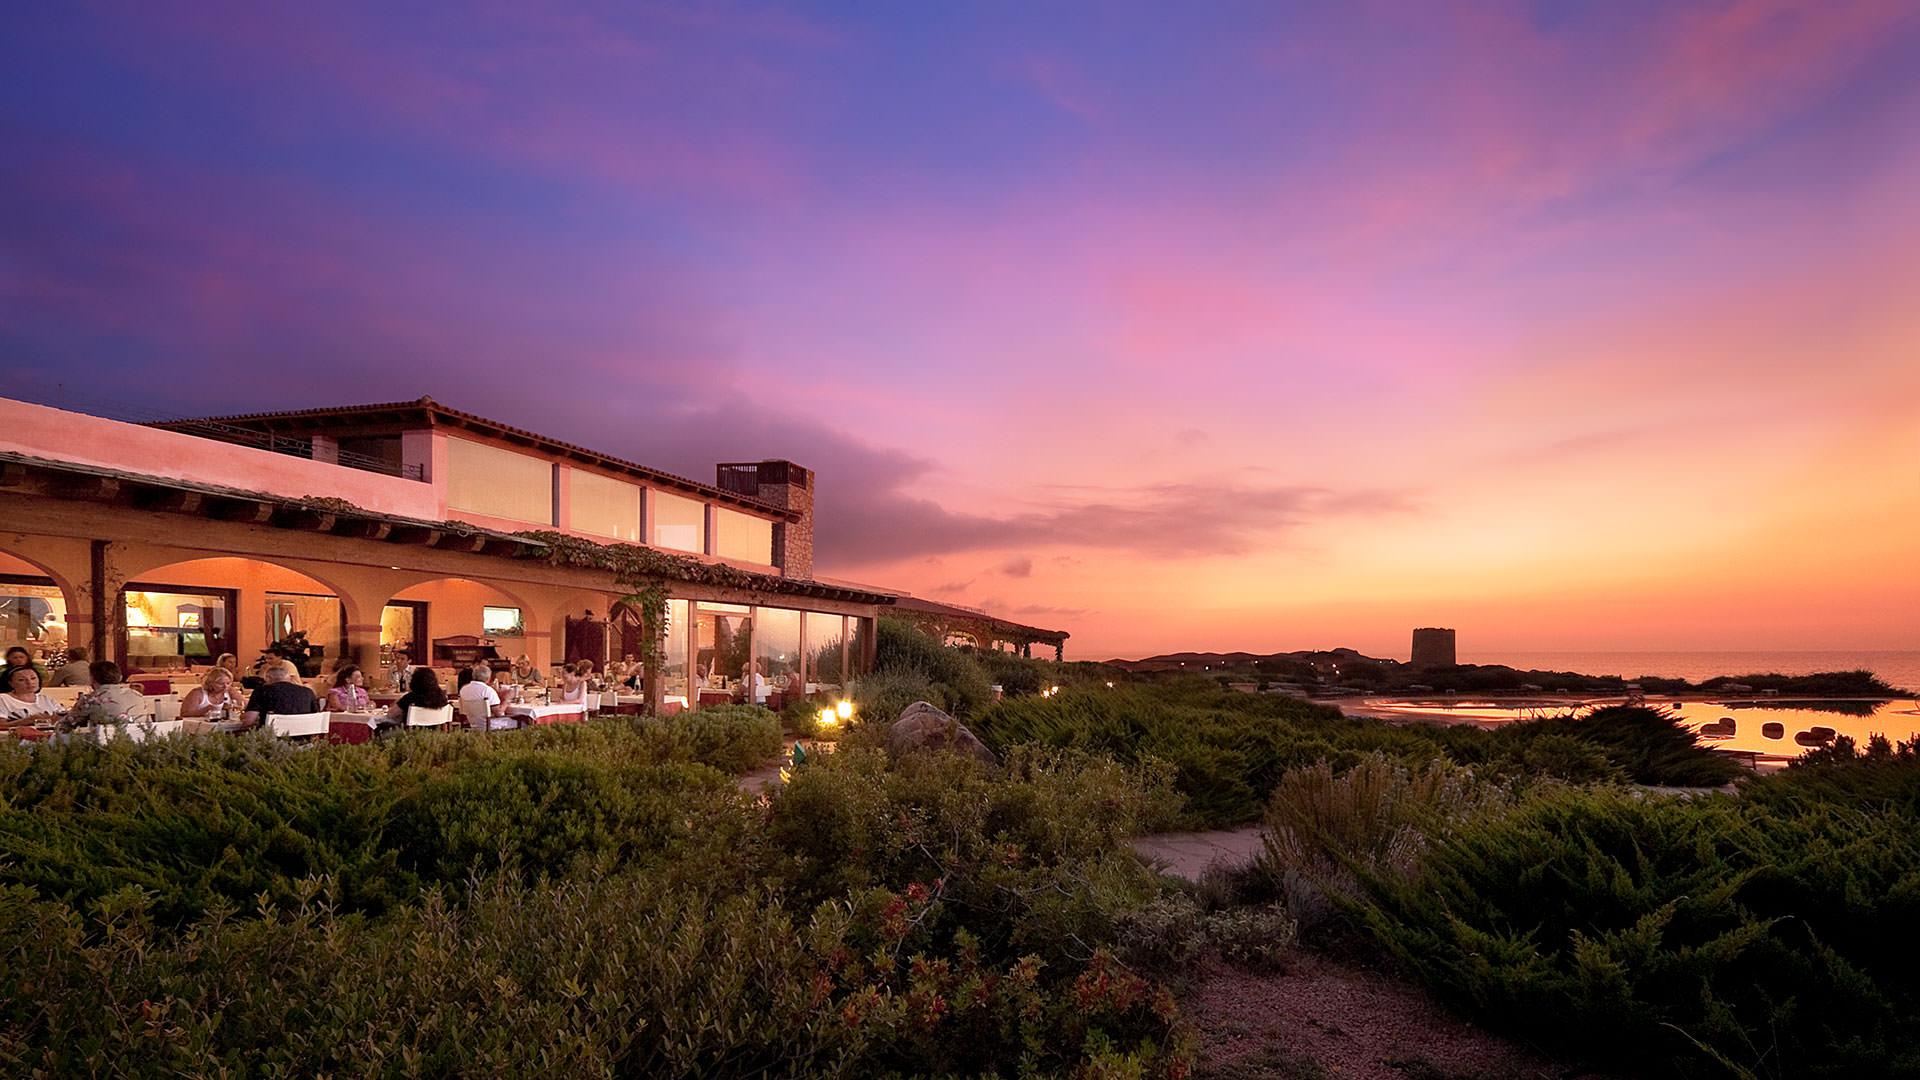 hotel-torreruja-isola-rossa-ristorante-tramonto-mini